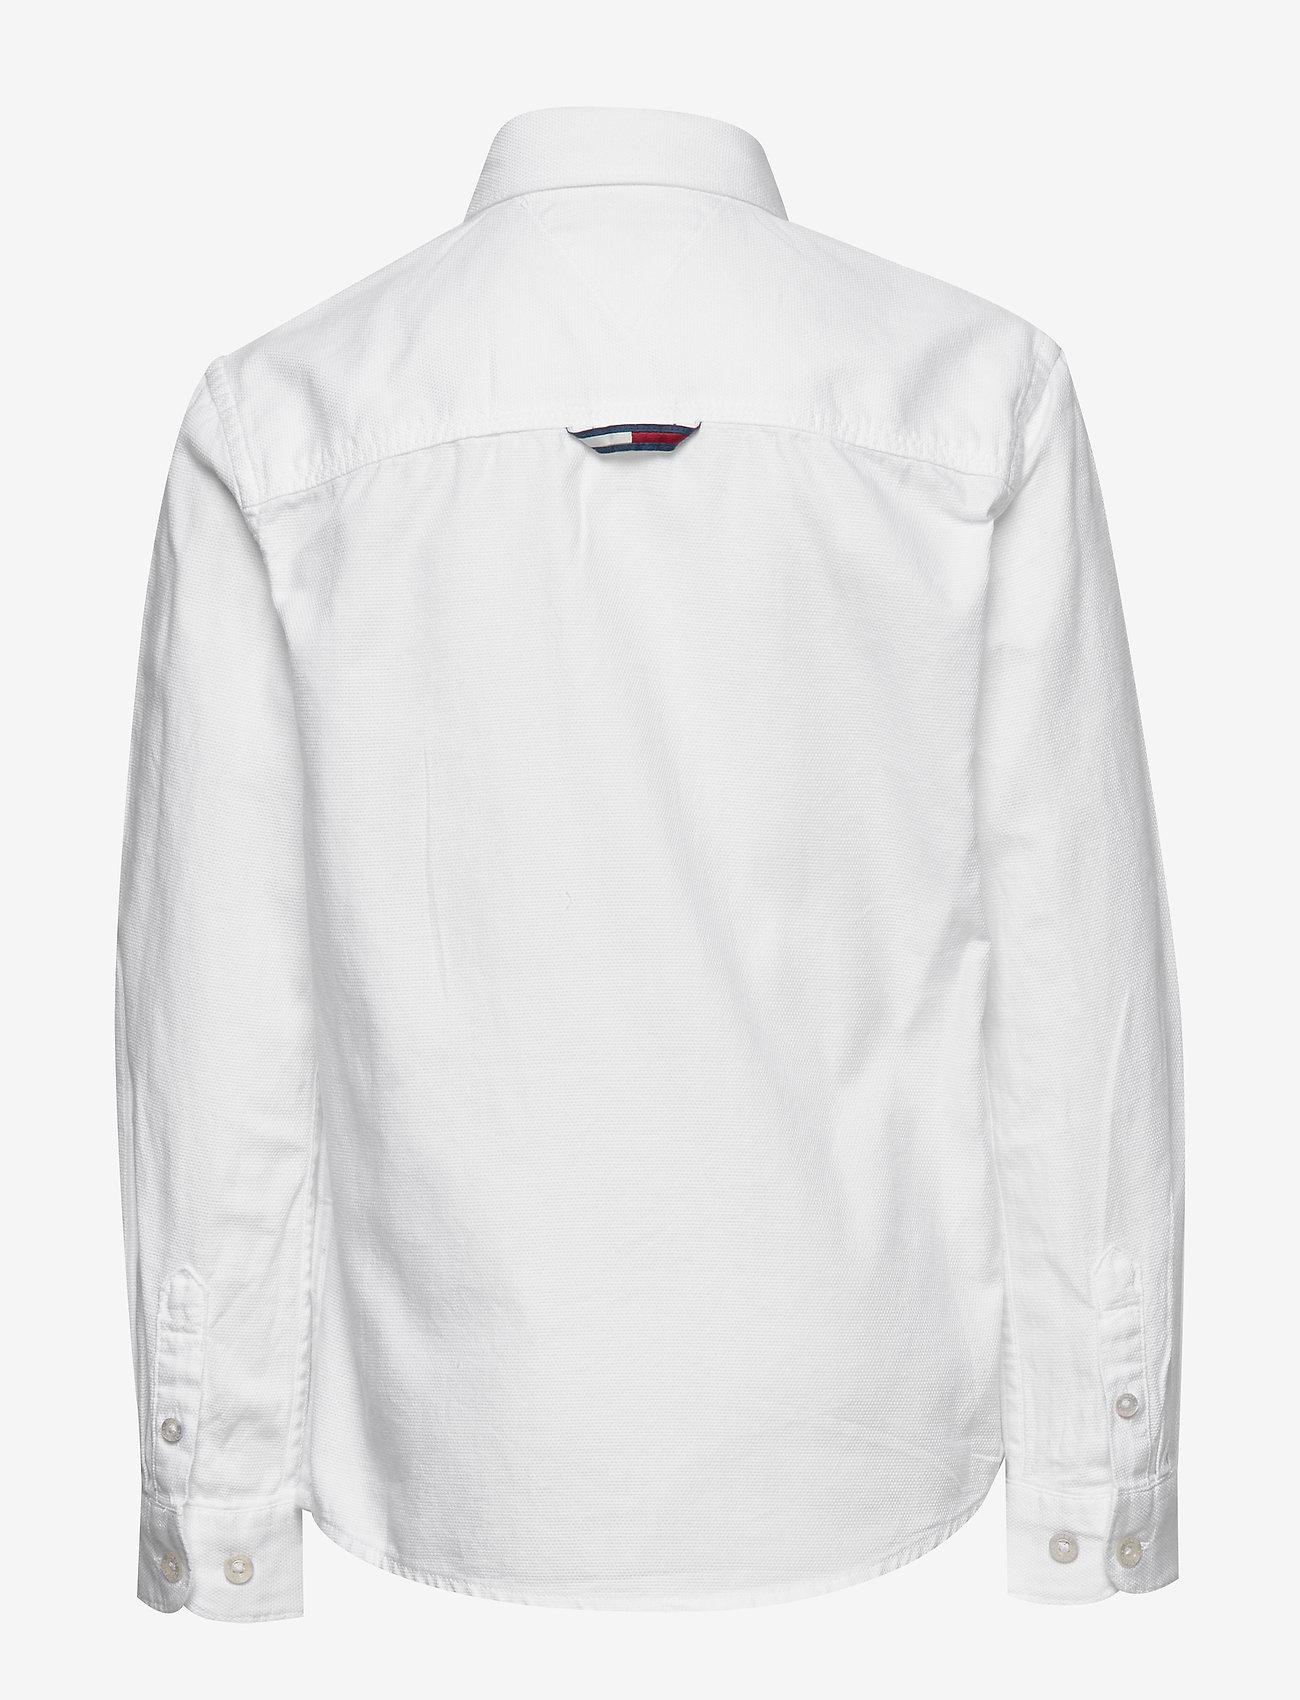 Tommy Hilfiger - OVERDYE DOBBY SHIRT - shirts - white - 1